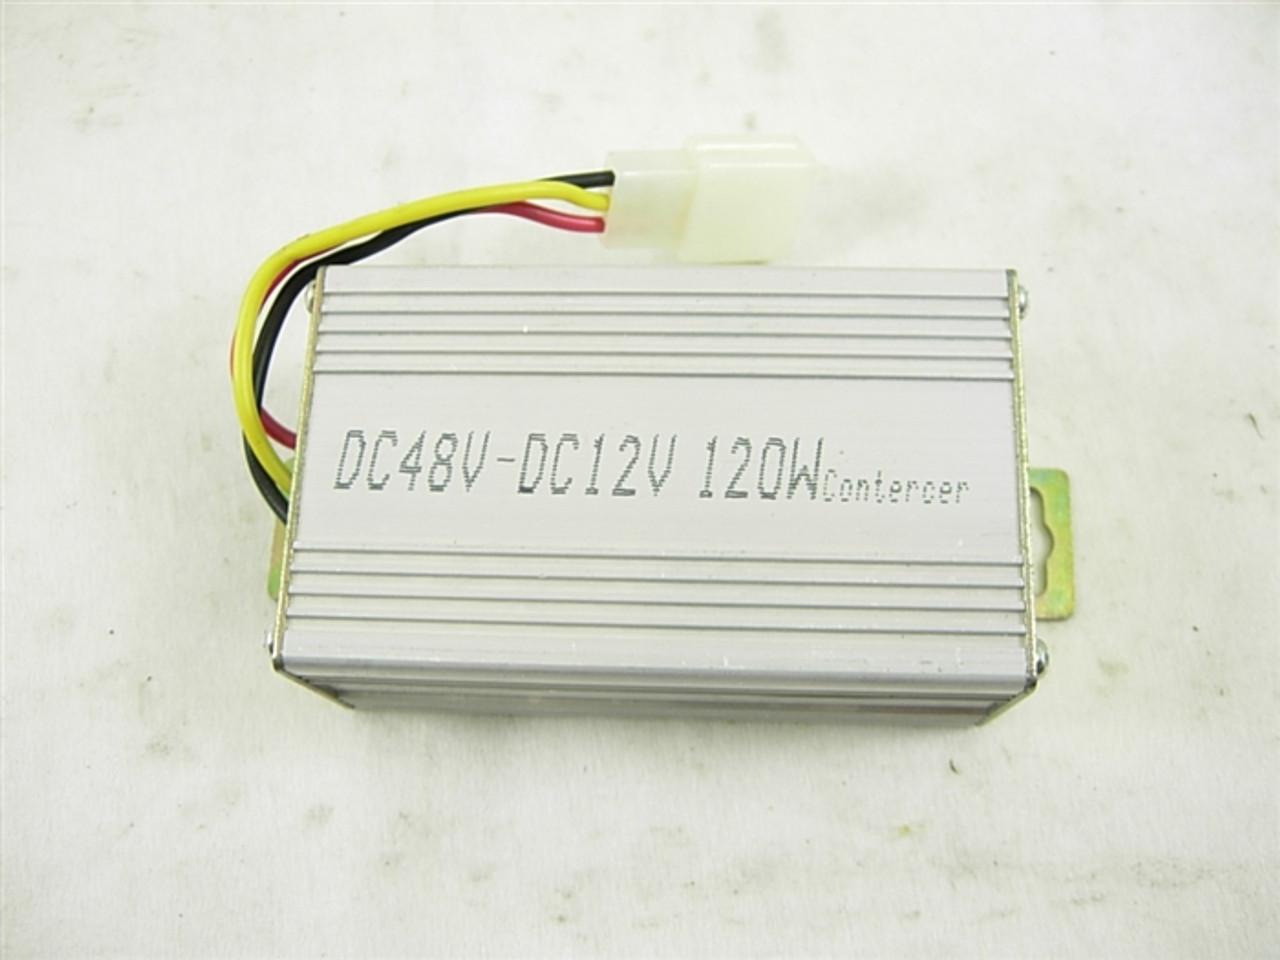 CONTEROER/CONTROLLER 10346-A20-4